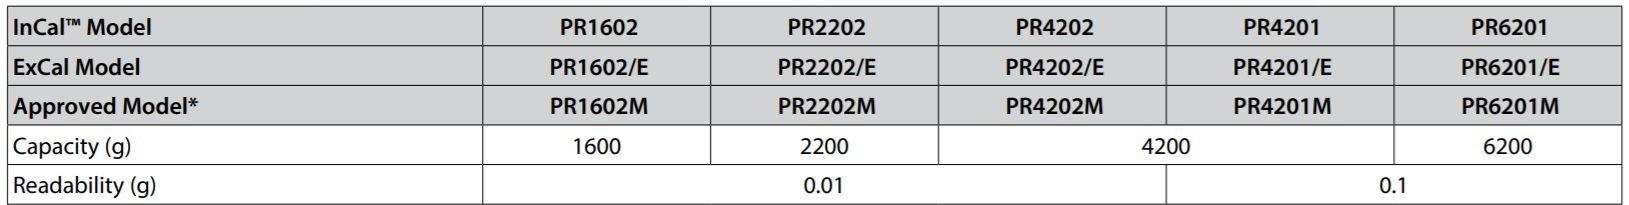 PR-WEB-7